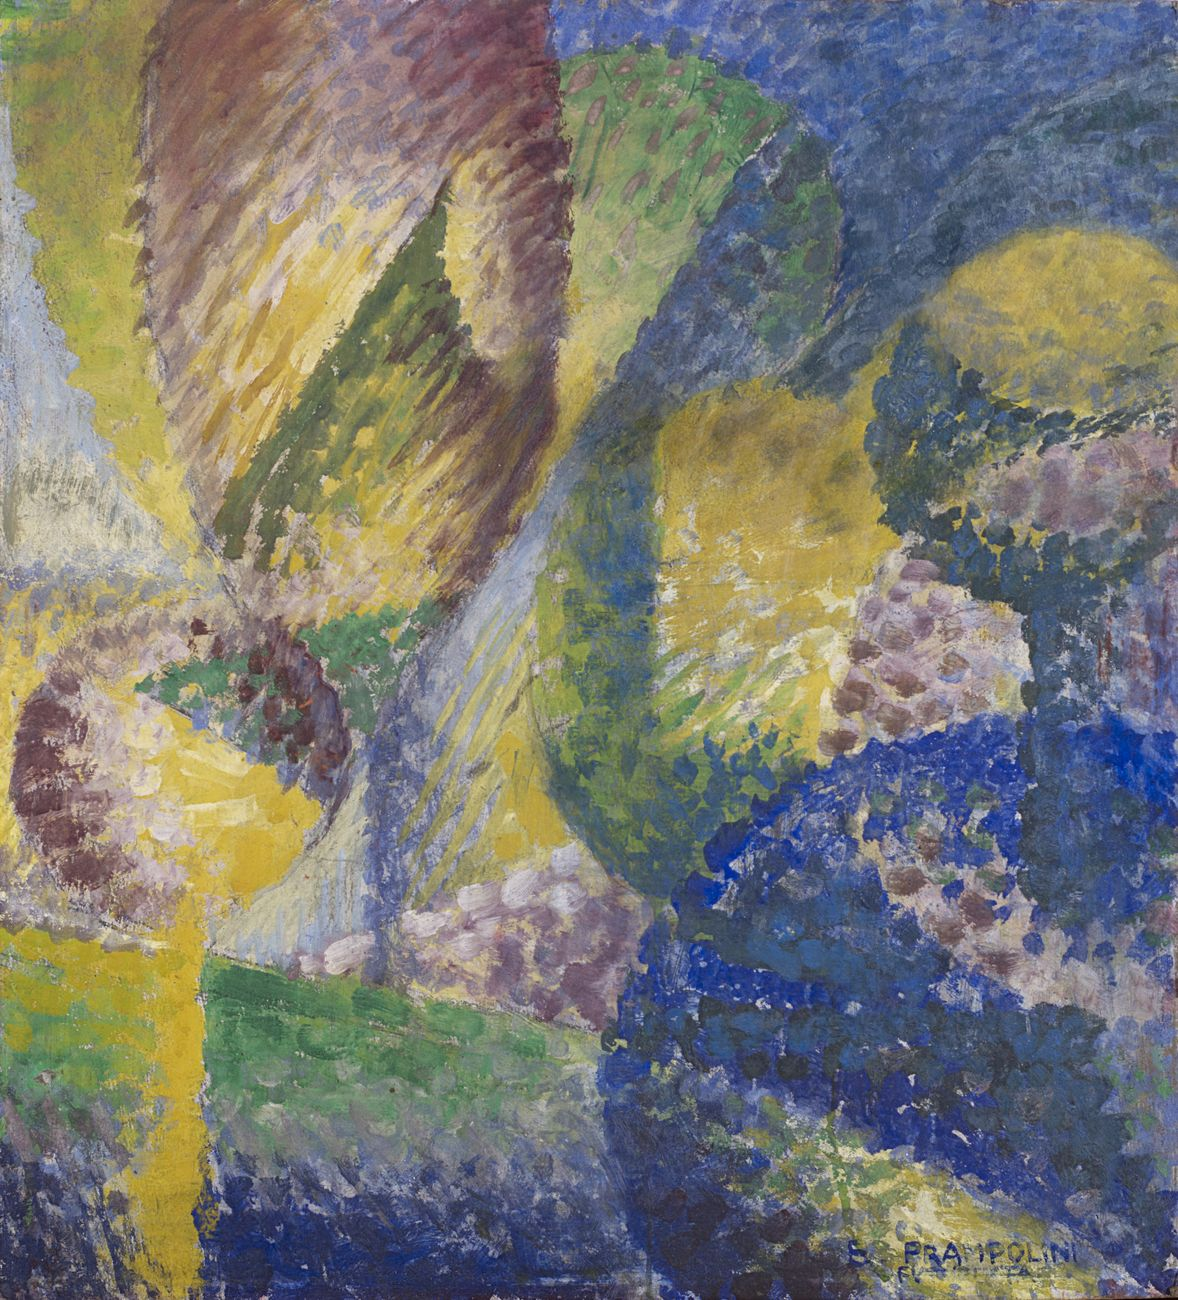 Enrico Prampolini, Sensazione cromatica di giardino, 1914. Courtesy Il Ponte